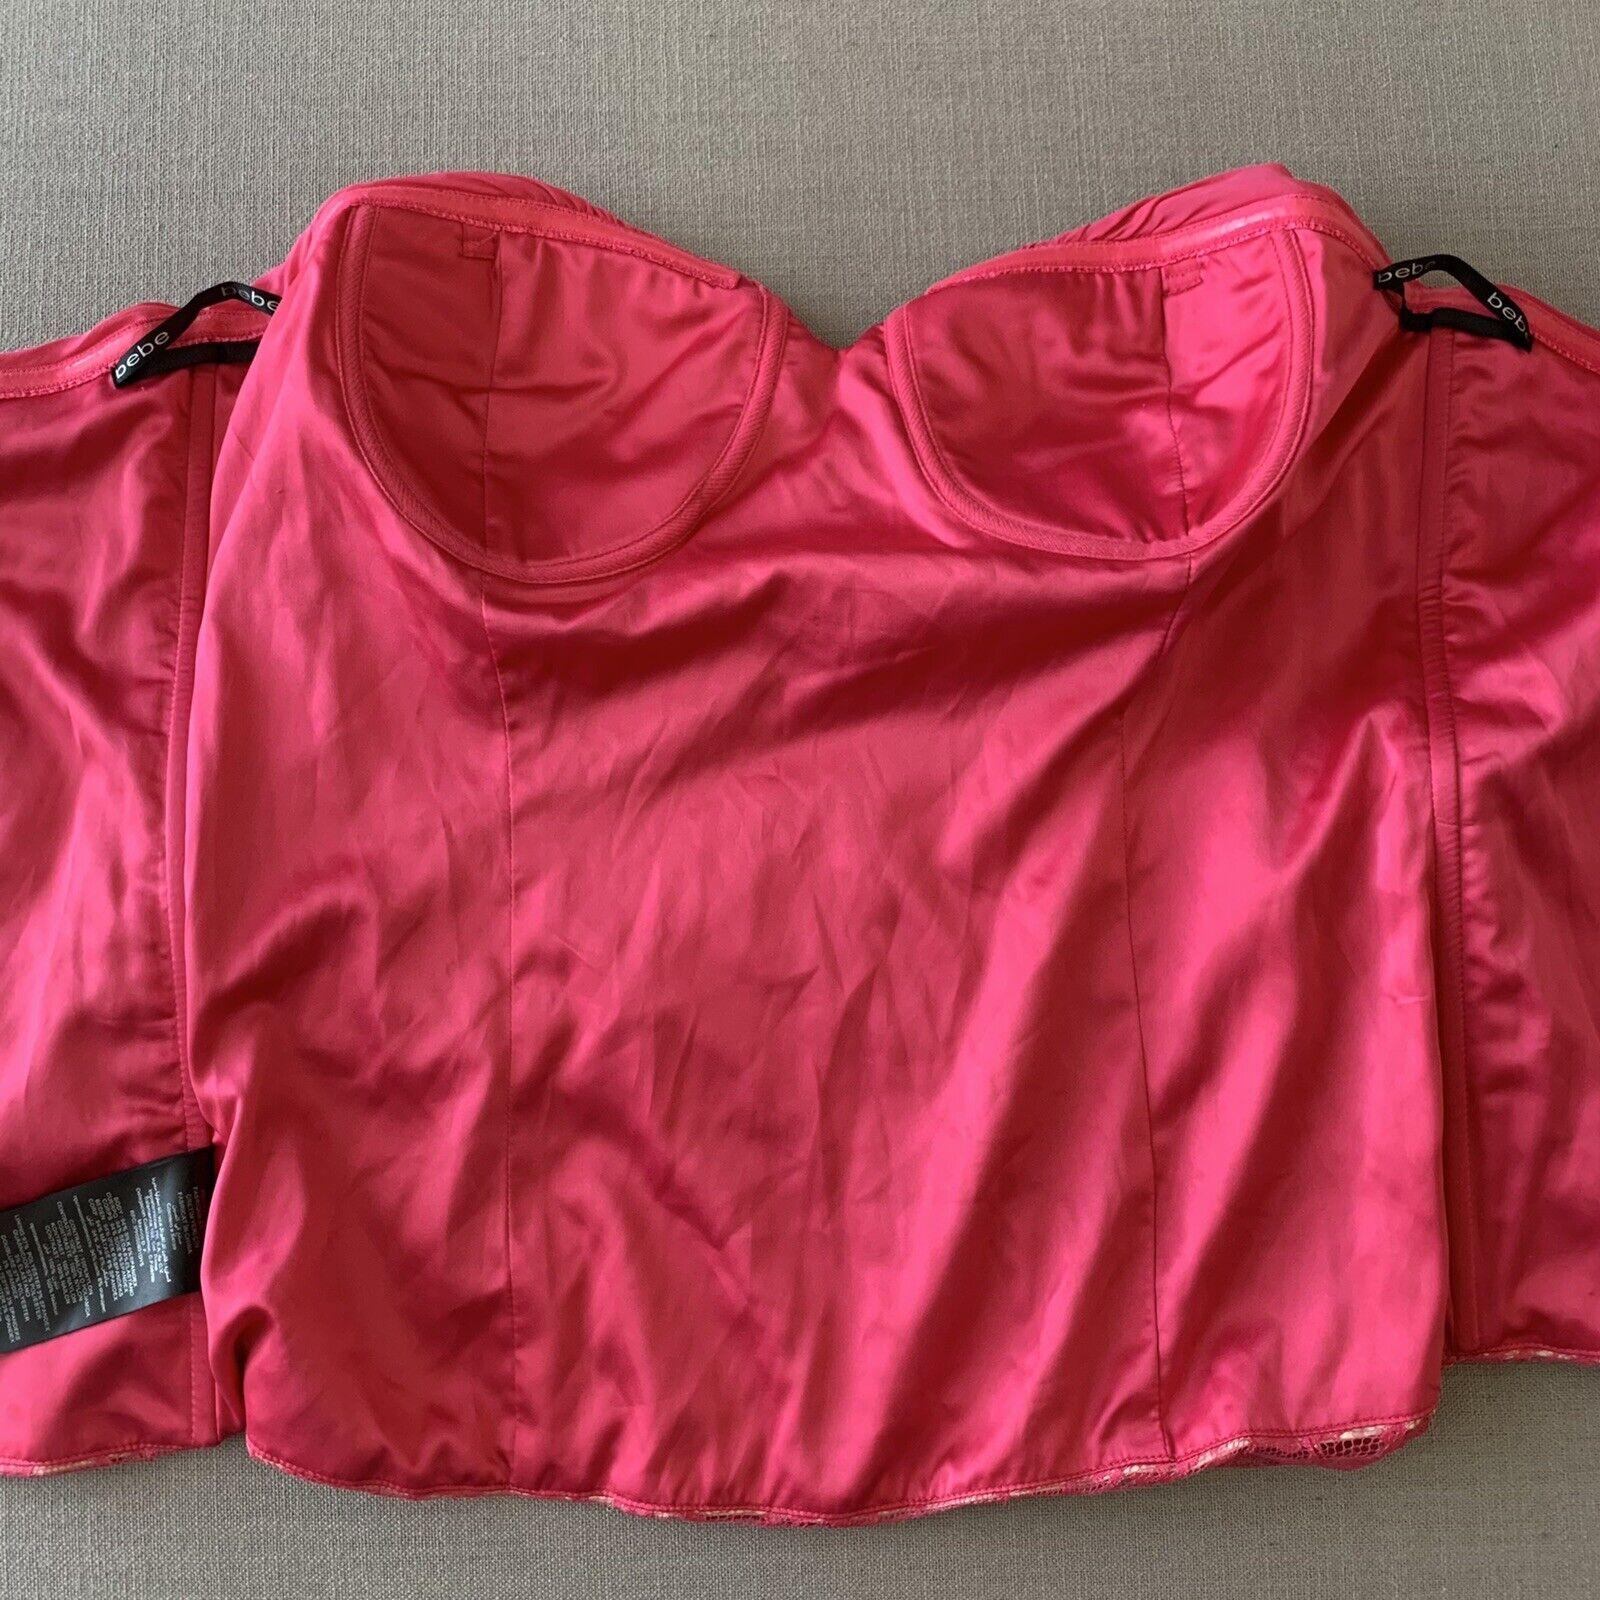 Vintage Y2K 90s BEBE Hot Pink Lace Silk Bustier C… - image 10